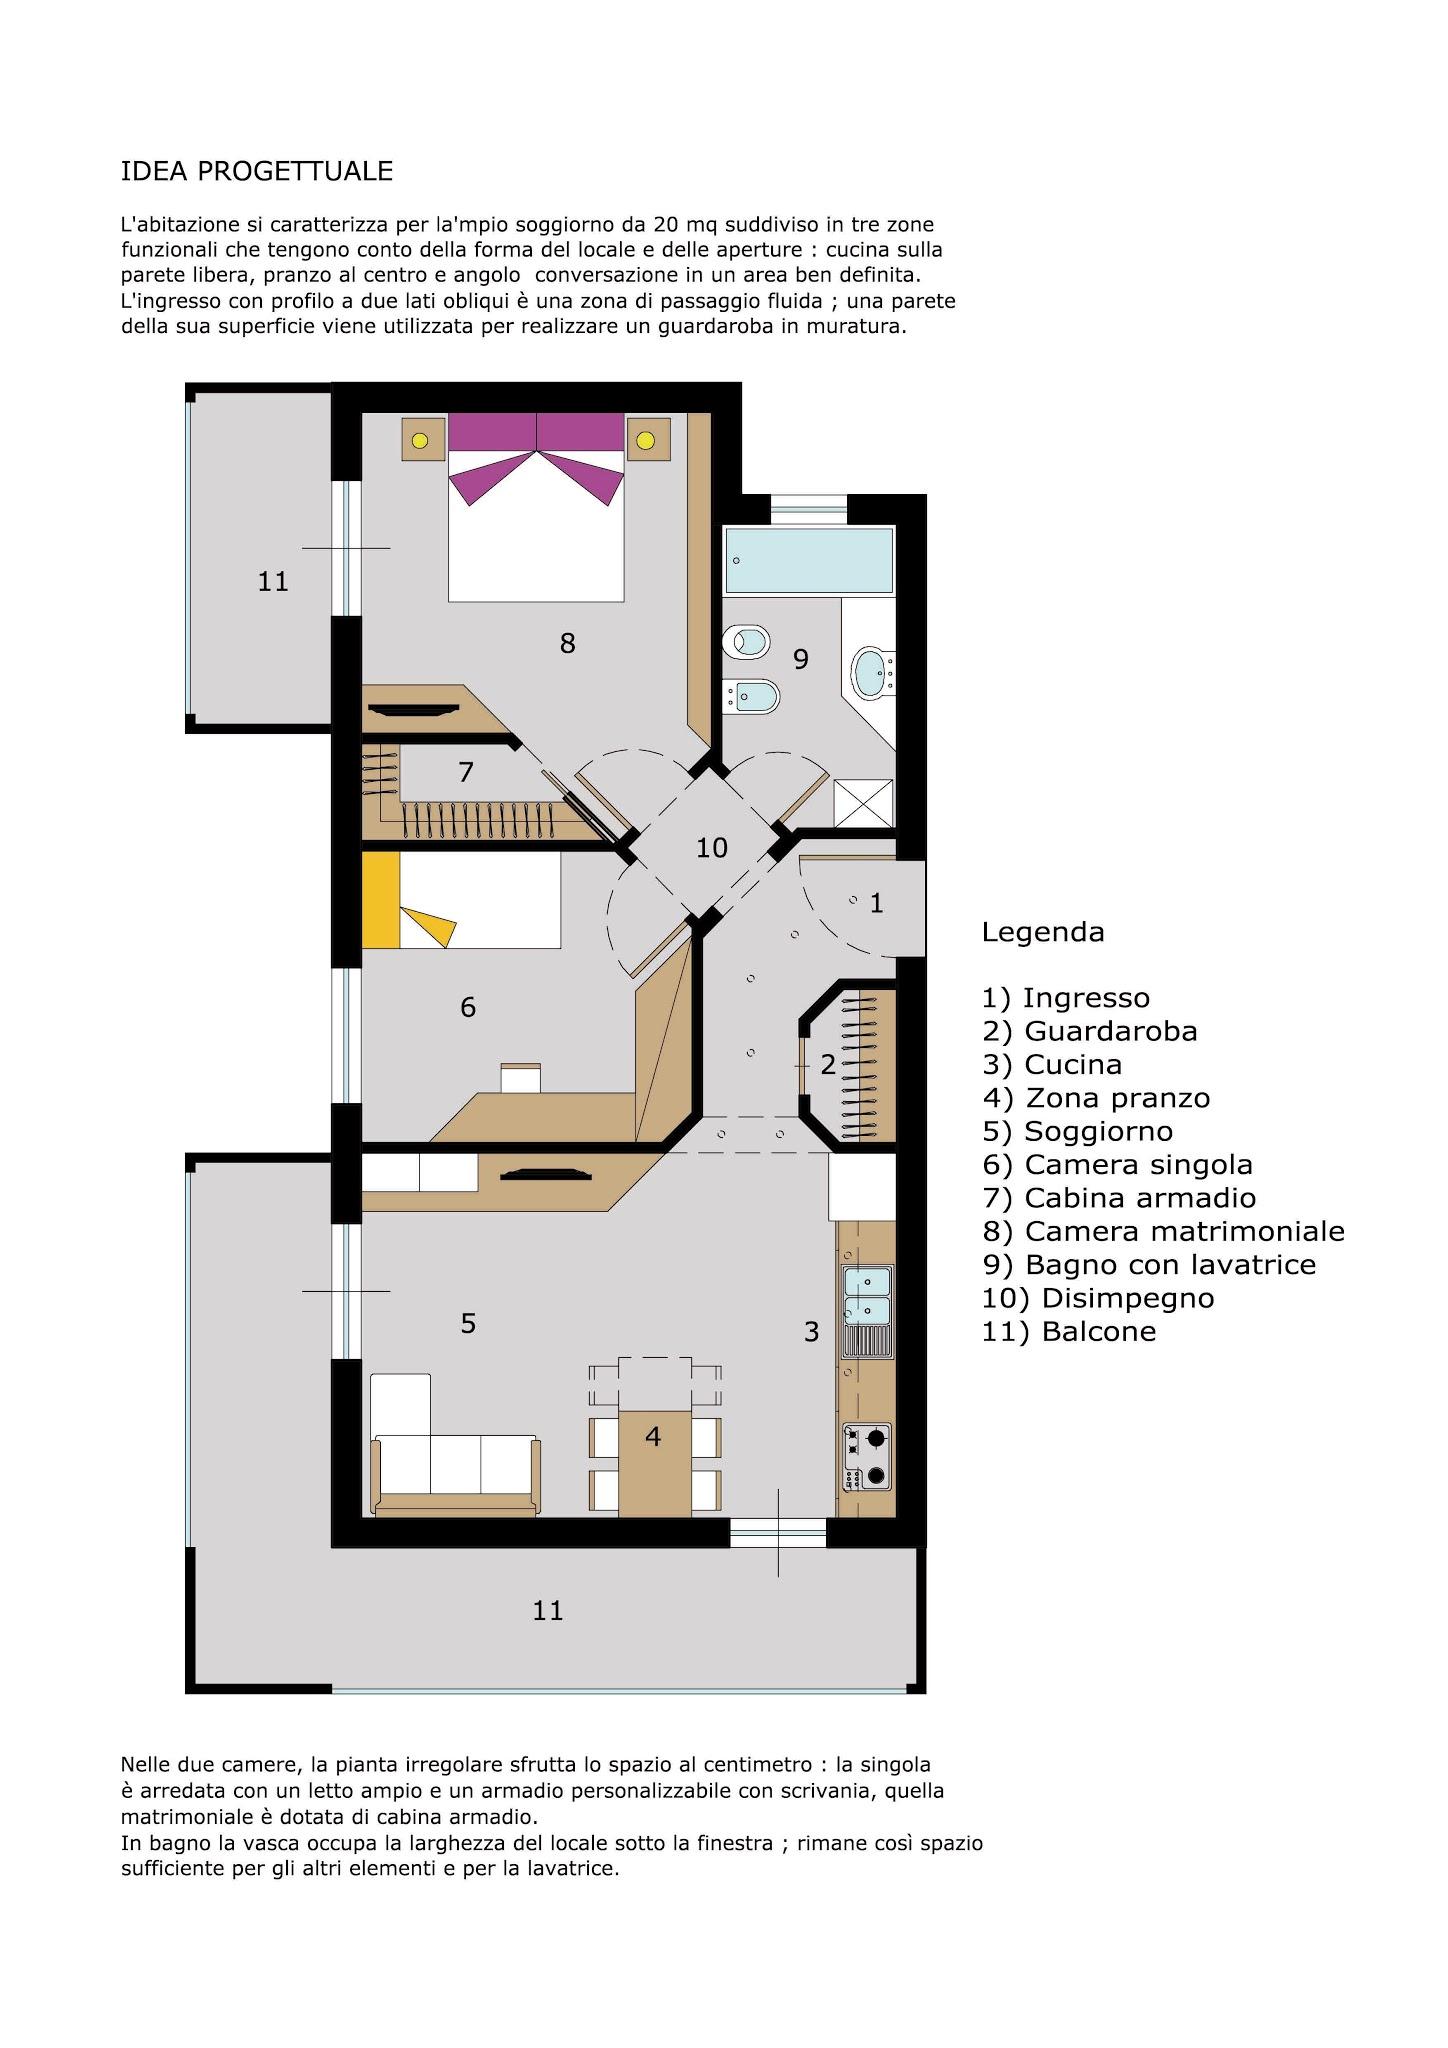 Dimensioni Cabina Armadio Angolare Casamia Idea Di Immagine